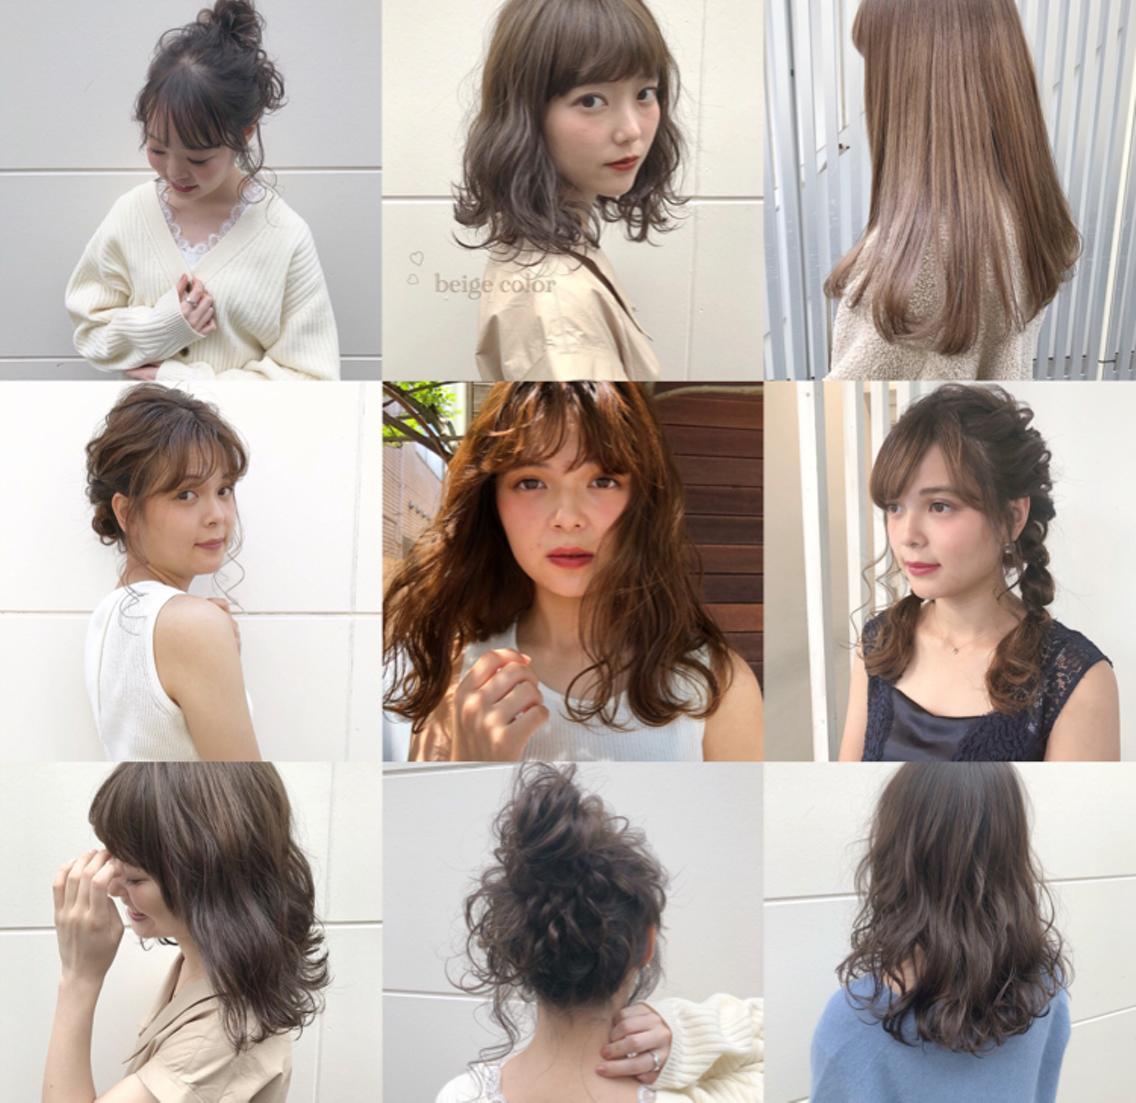 ❤当日OK❤大人気外国人風イルミナカラー導入❤ダメージを最小限に抑え、一人ひとりの髪質に合わせてヘアスタイルを作ります♡カジュアル~ガーリースタイルが好きです♡